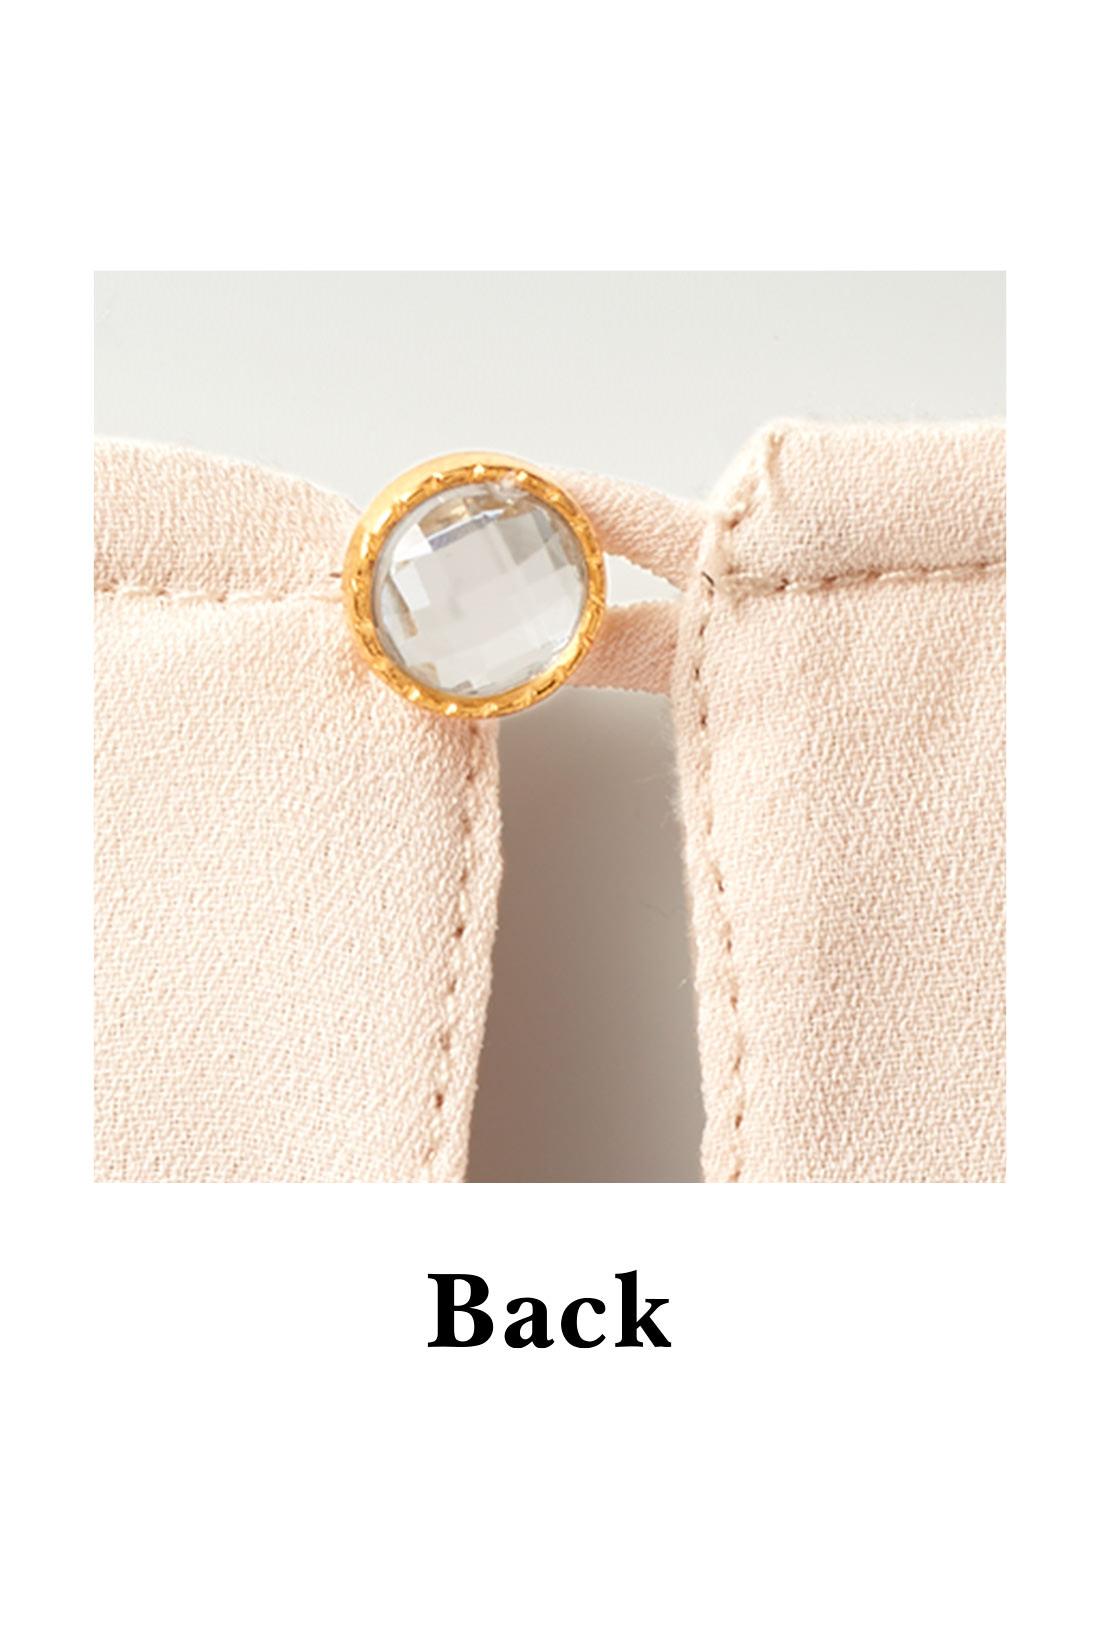 バックスタイルは涙開きデザインのワンボタン仕様で清楚な雰囲気。